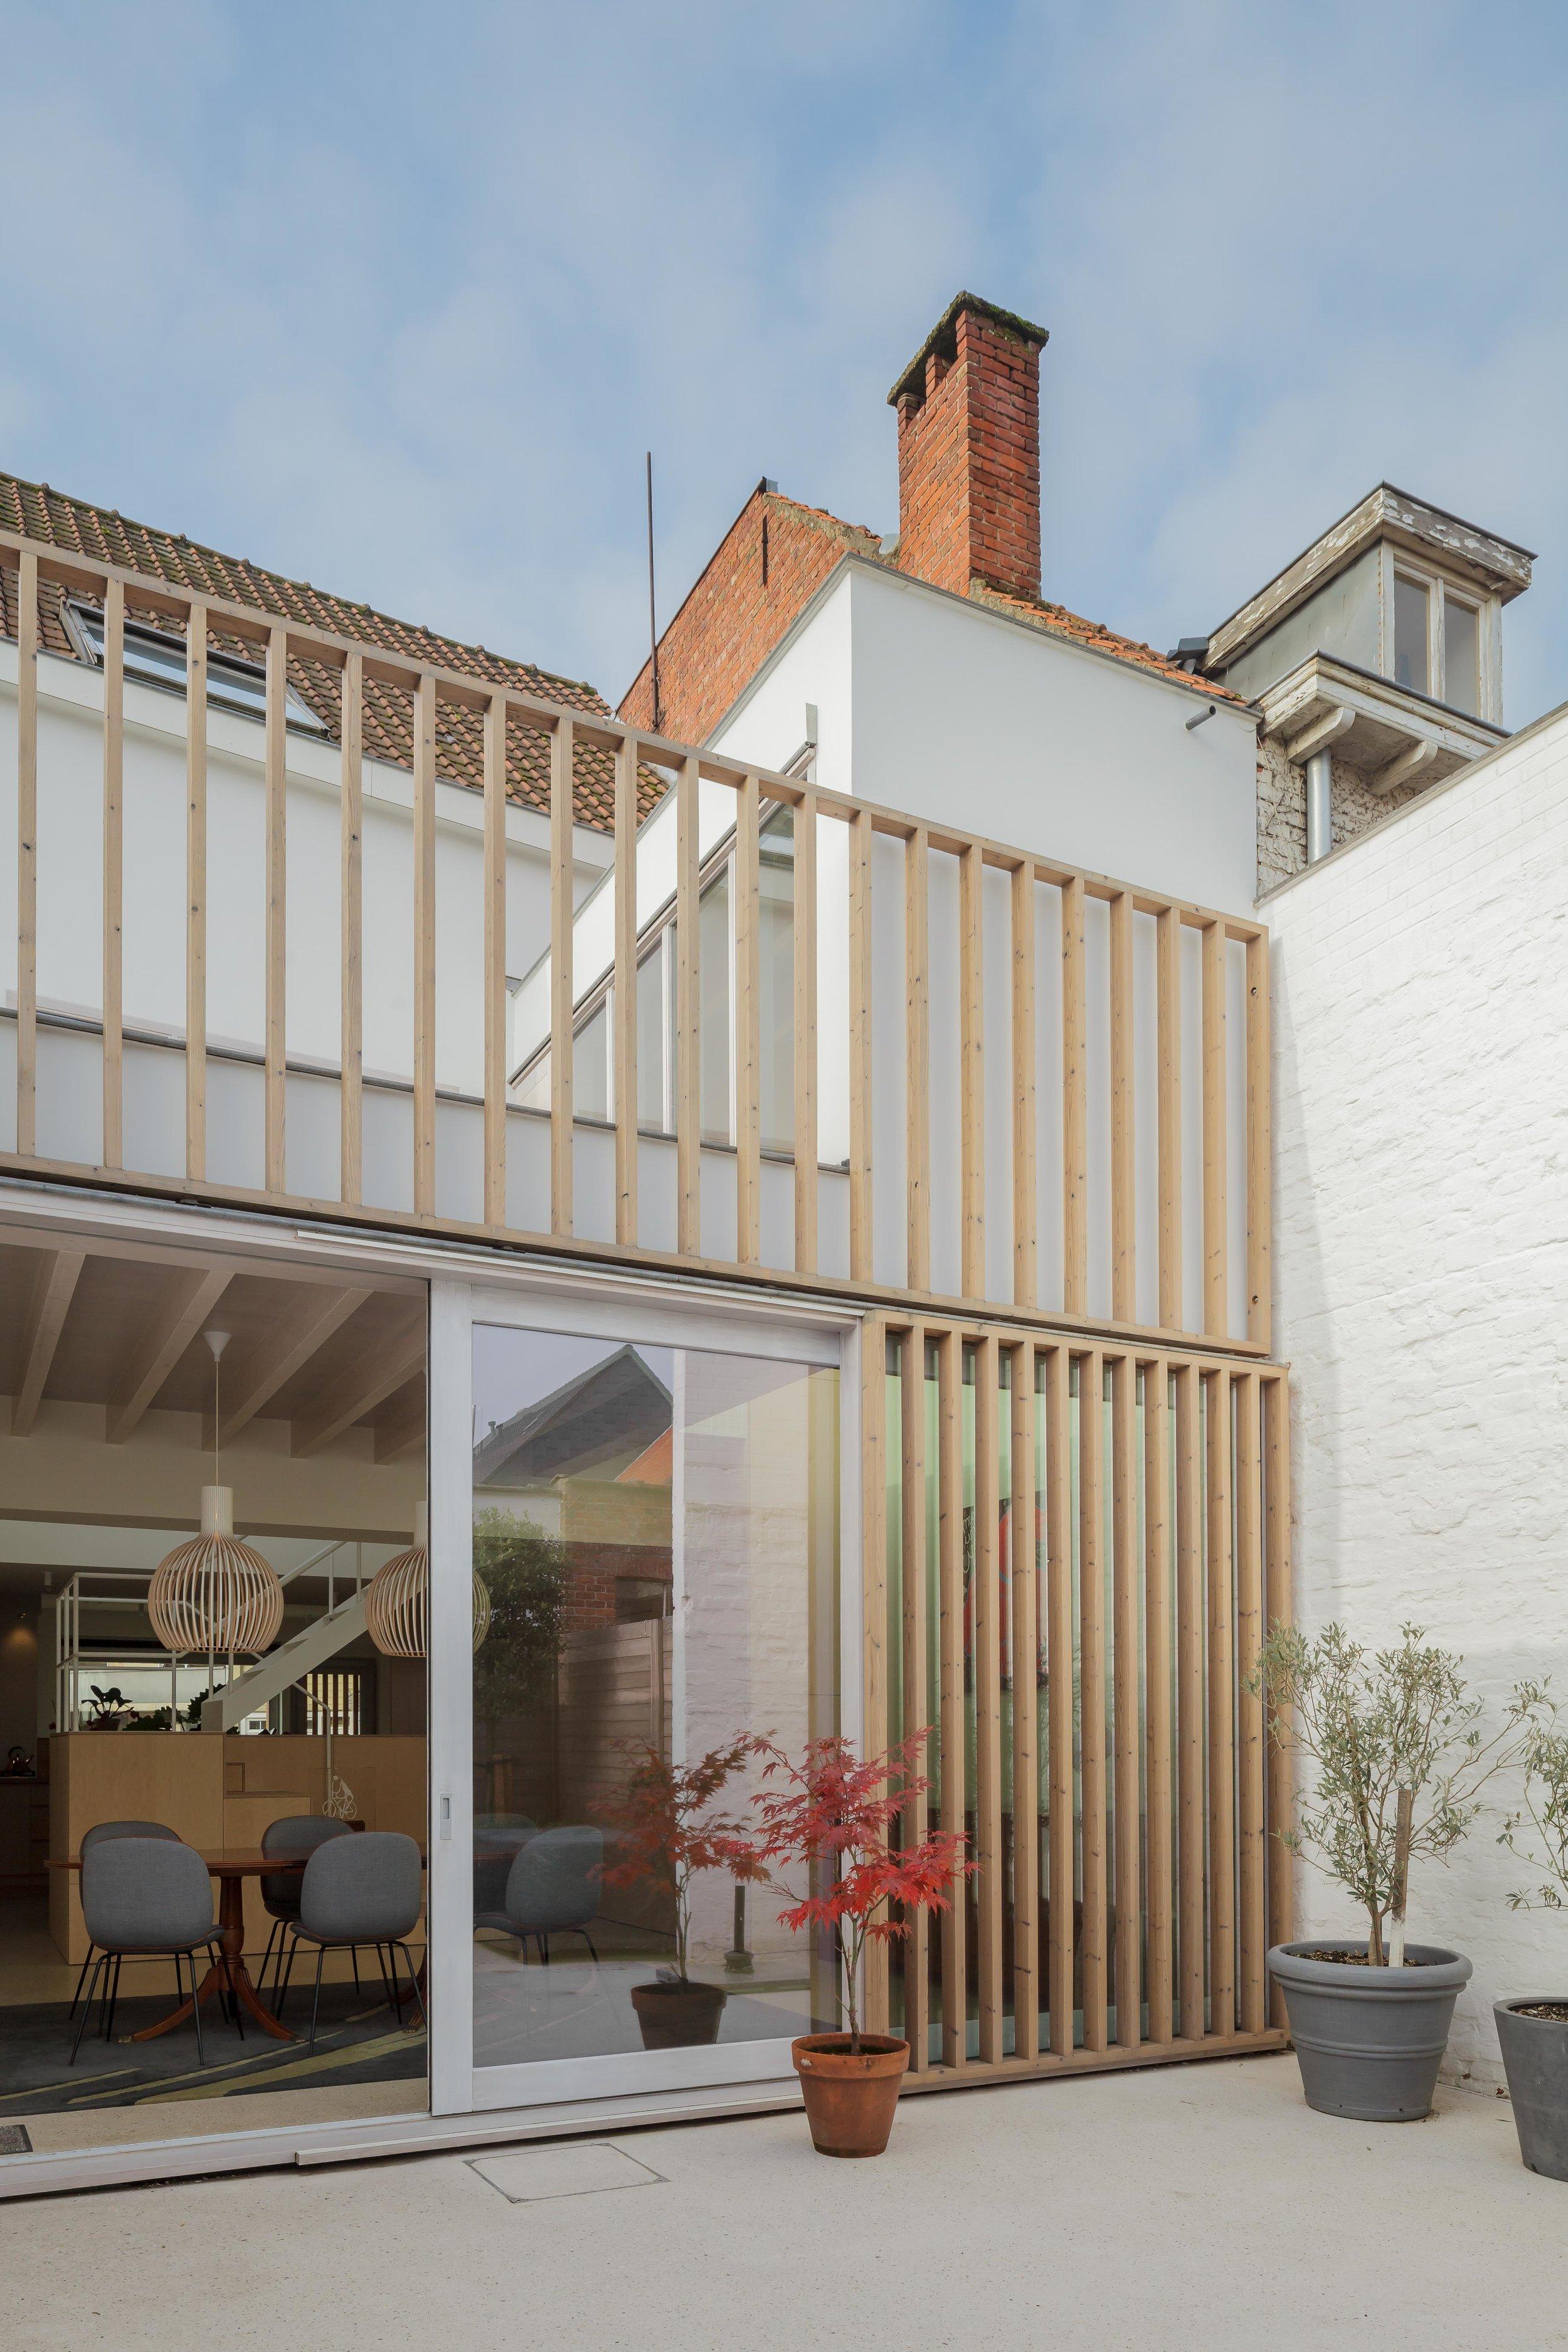 vik-architect-kuurne (1 of 10).jpg